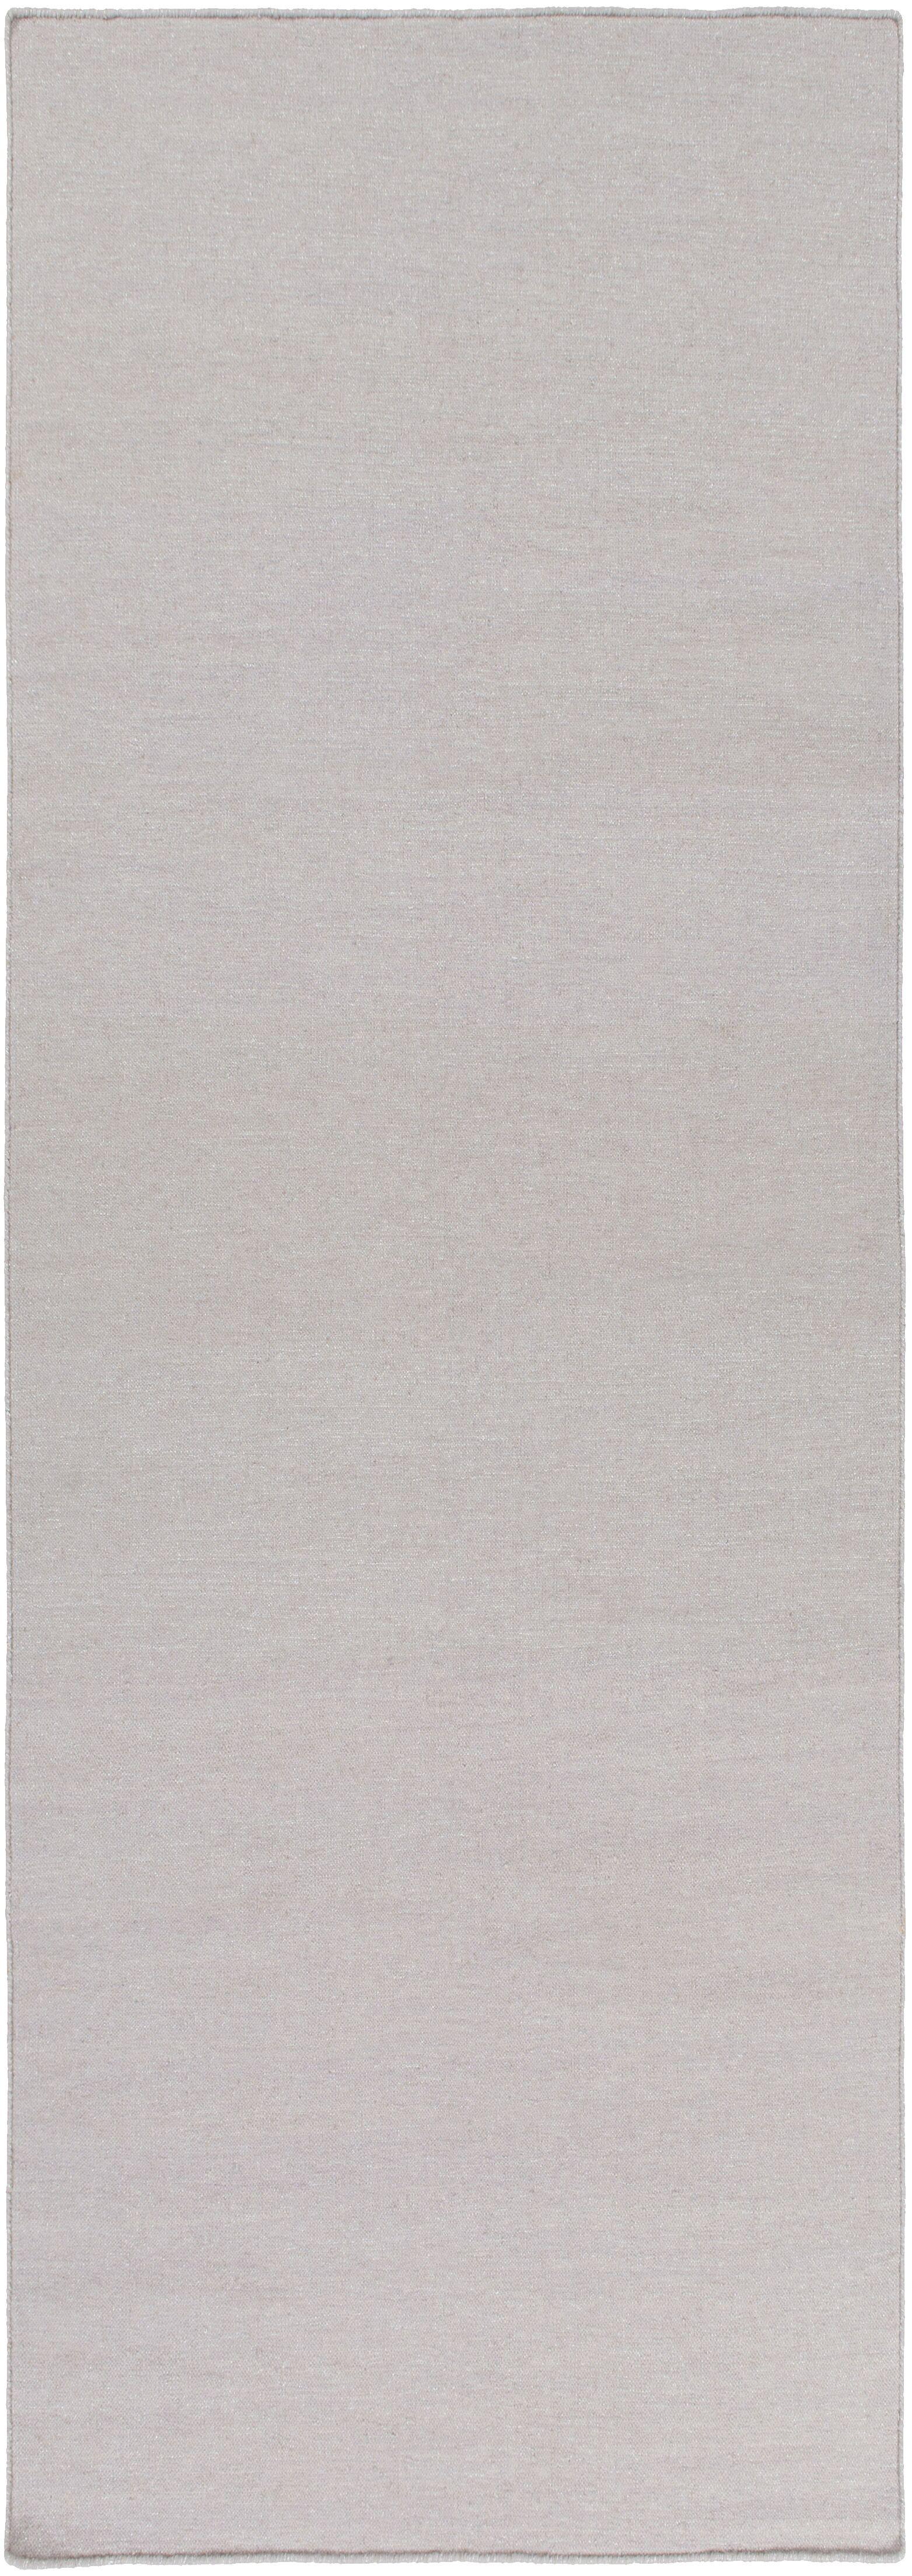 Aden Hand Woven Light Gray Area Rug Rug Size: Runner 2'6